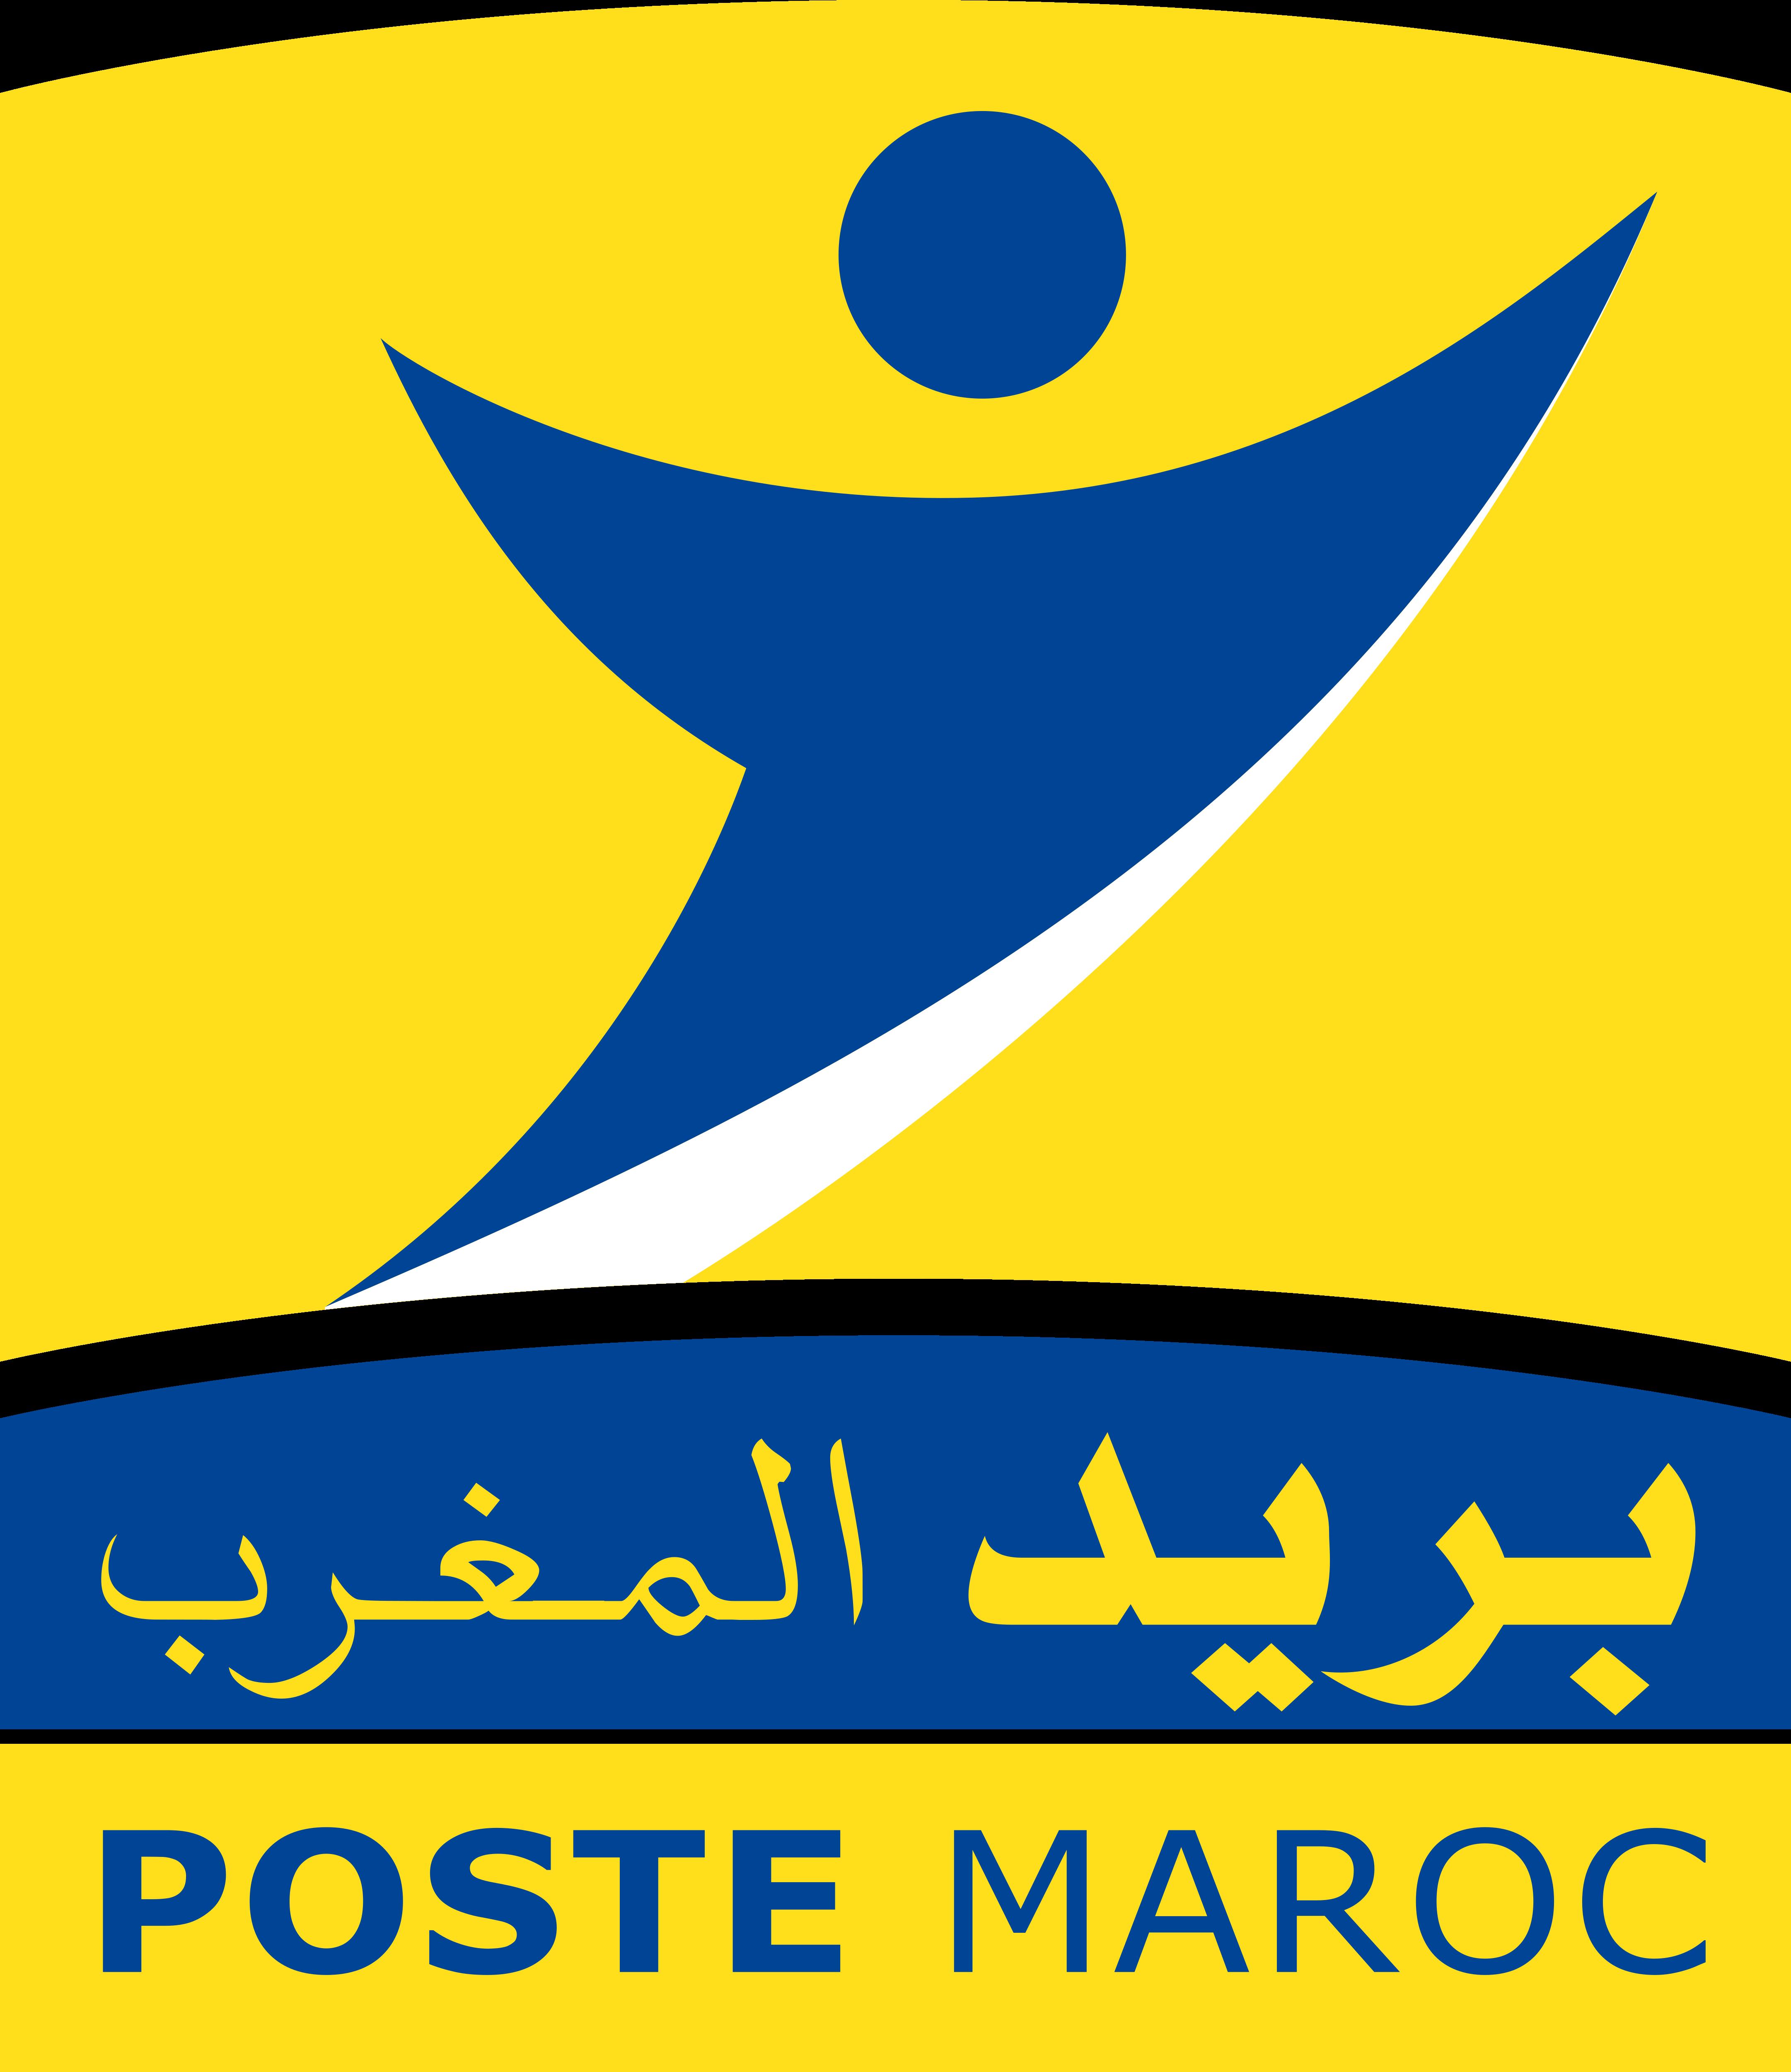 Poste Maroc.